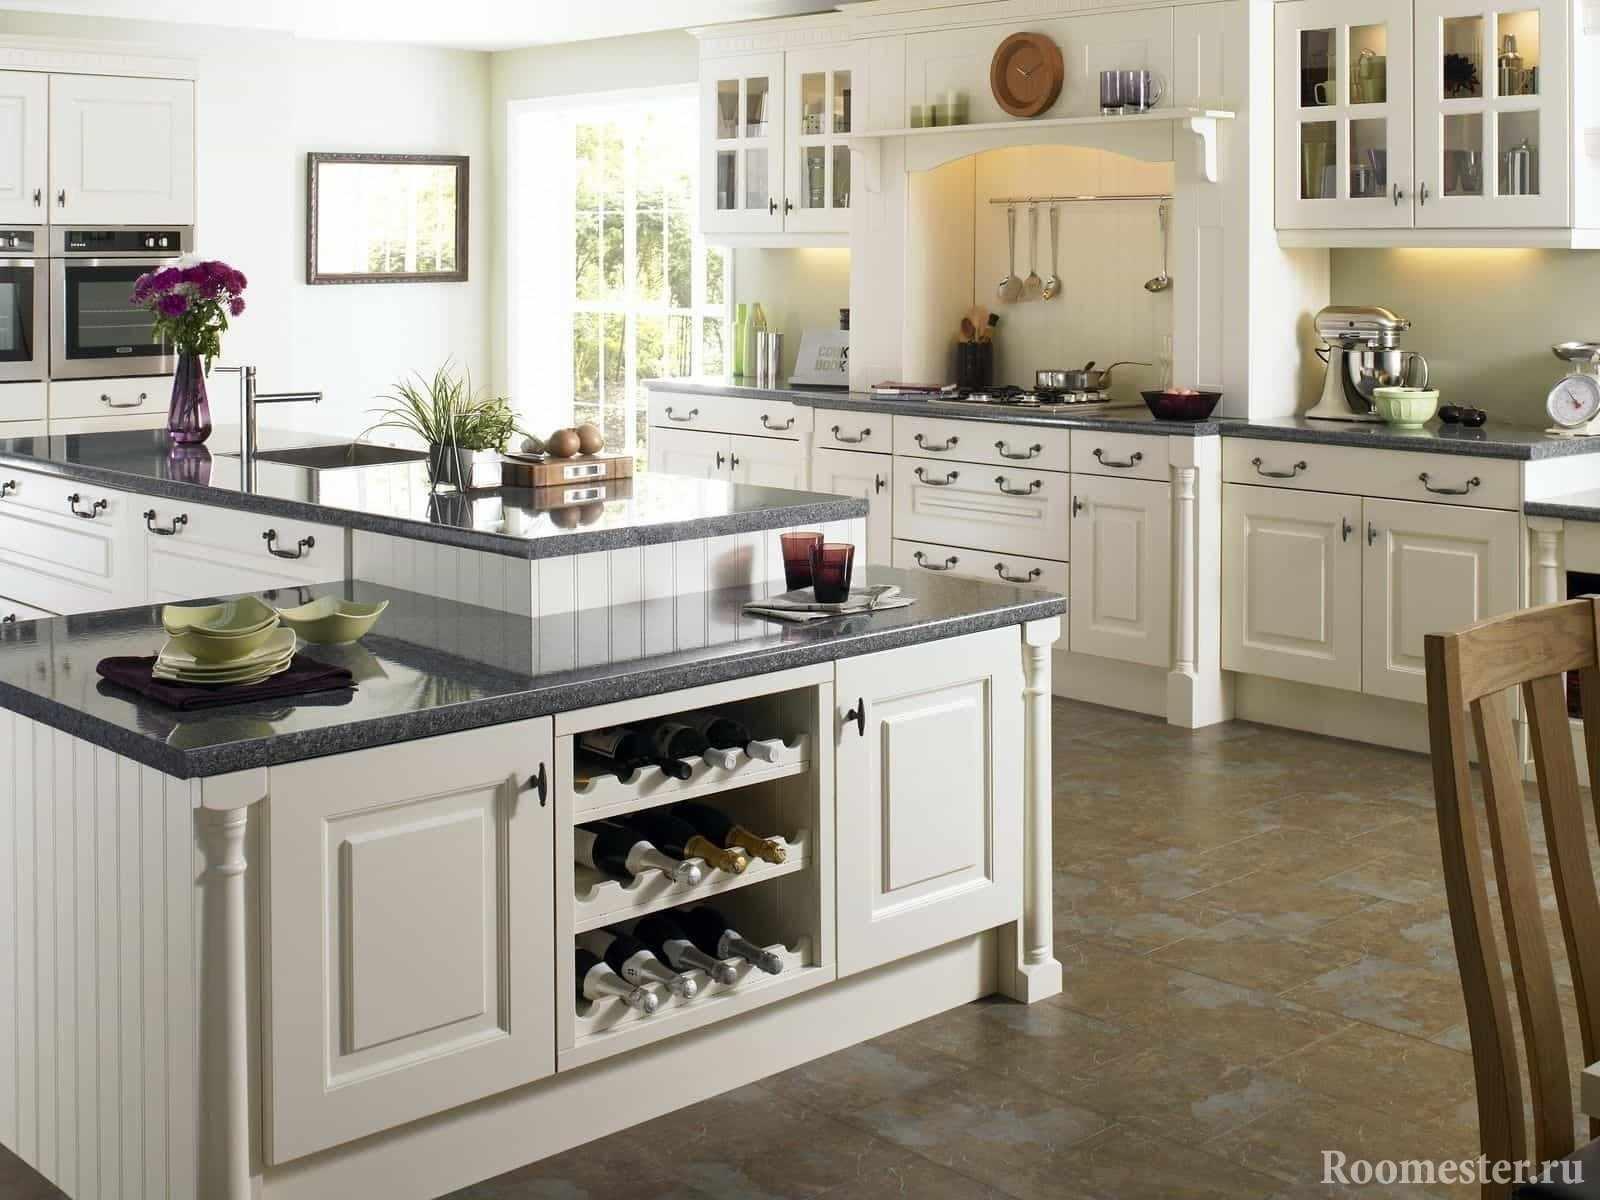 Белая кухня с островом и множеством шкафов для хранения